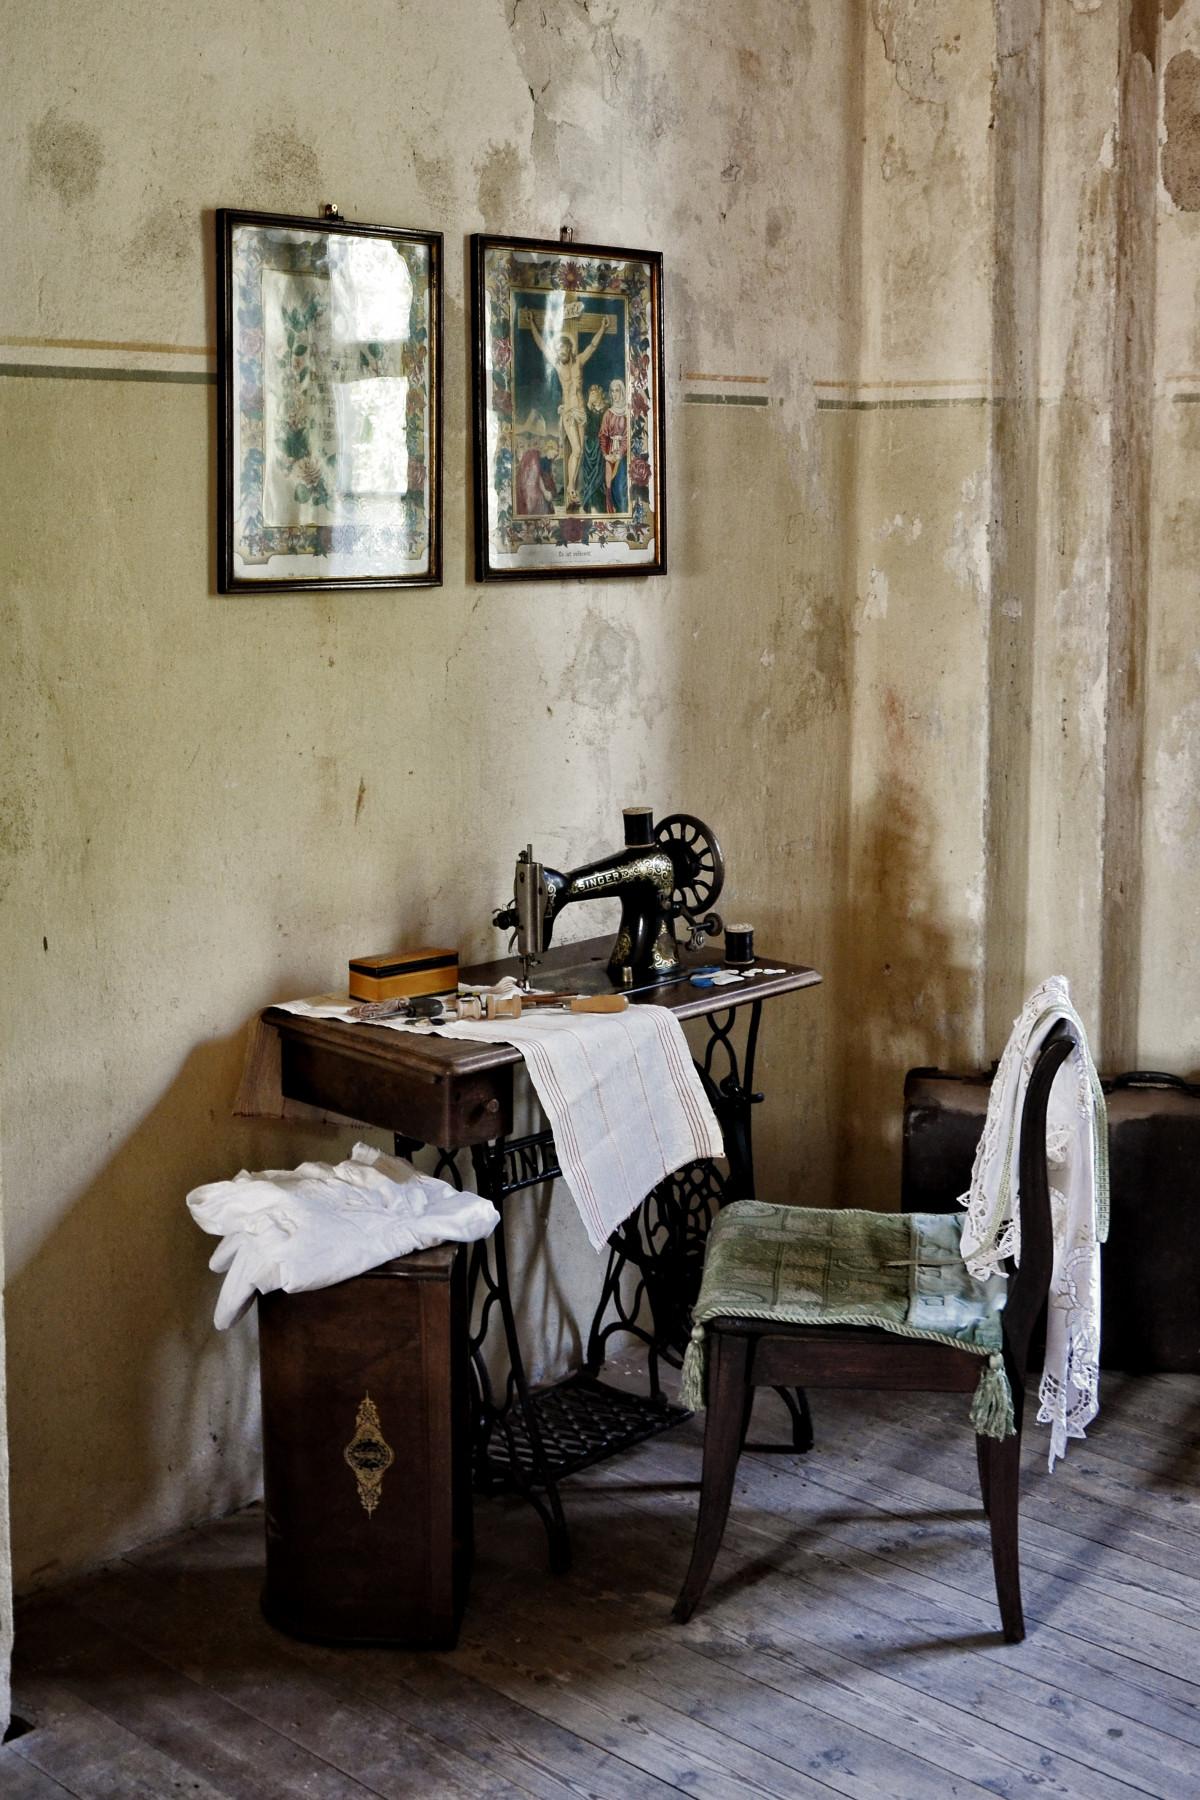 kostenlose foto tabelle holz jahrgang haus sessel alt zuhause mauer wohnzimmer m bel. Black Bedroom Furniture Sets. Home Design Ideas